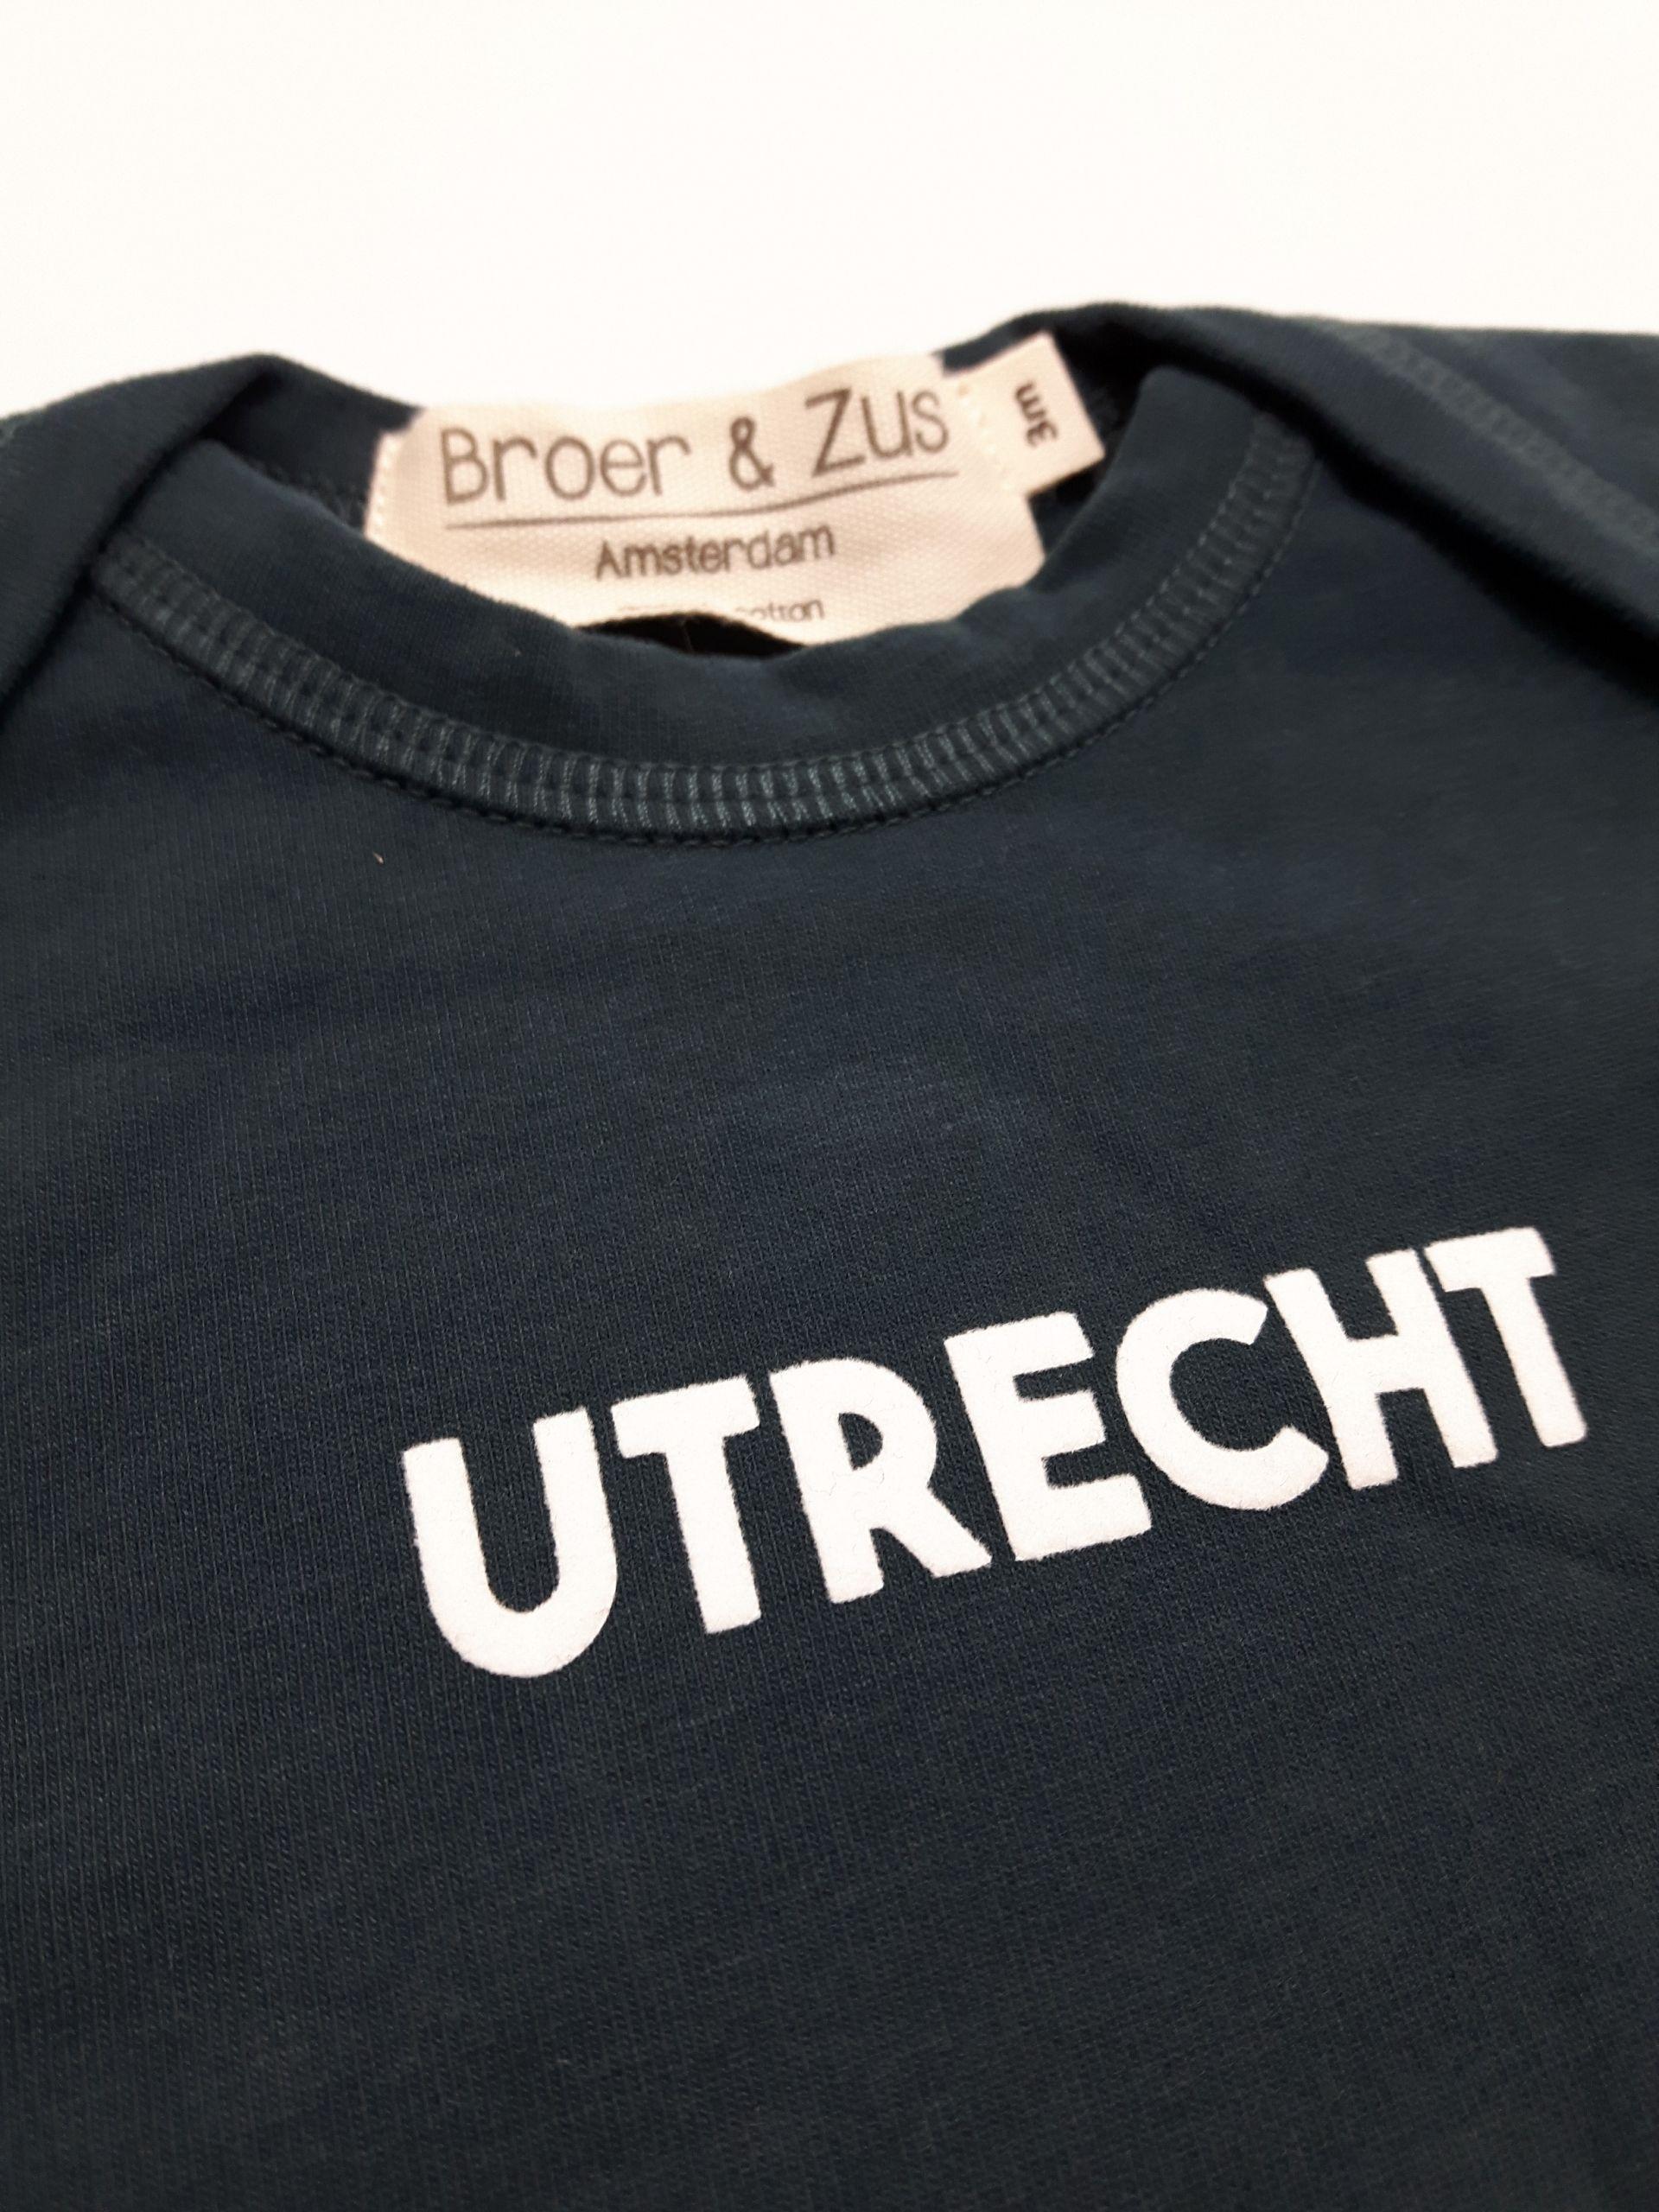 Baby romper Utrecht navy white 3 maanden